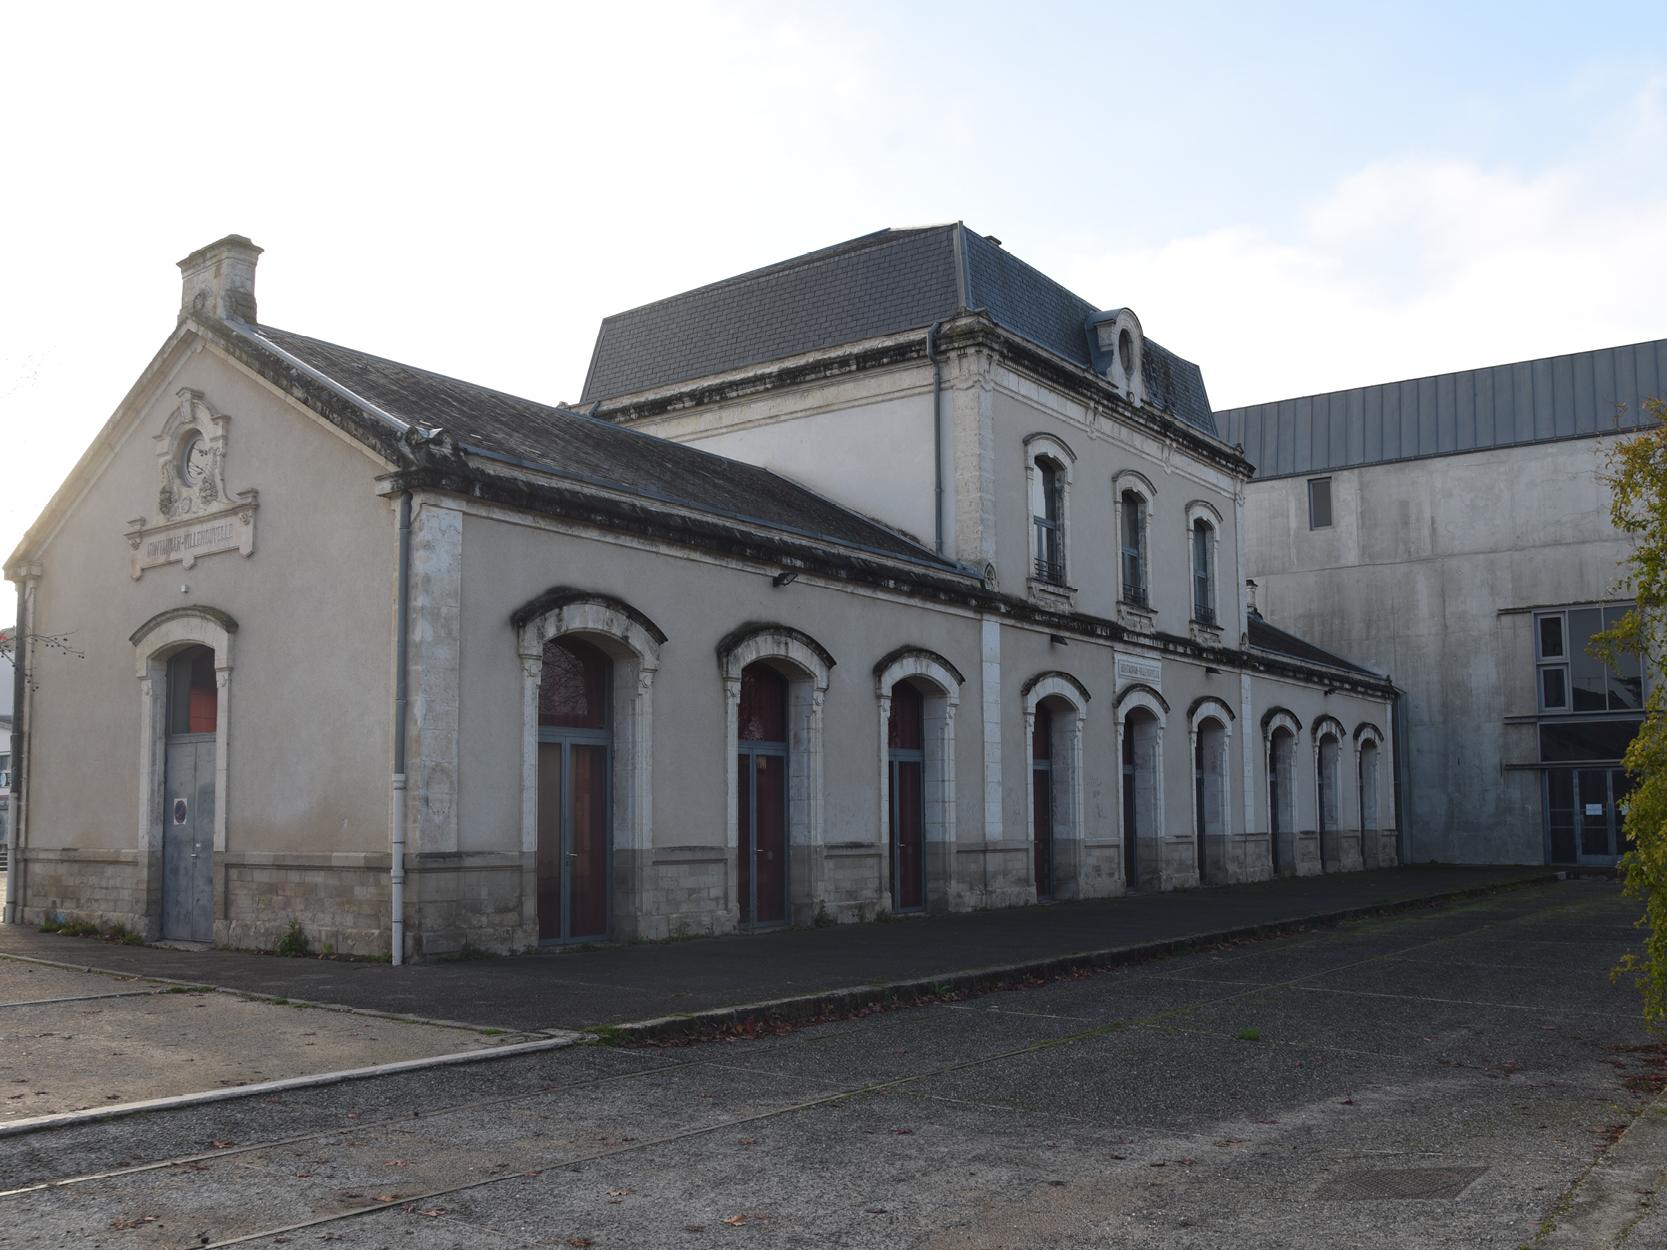 L'ancienne gare de Villenouvelle Montauban, salle Eurythmie, Photo signée Joëlle Faure